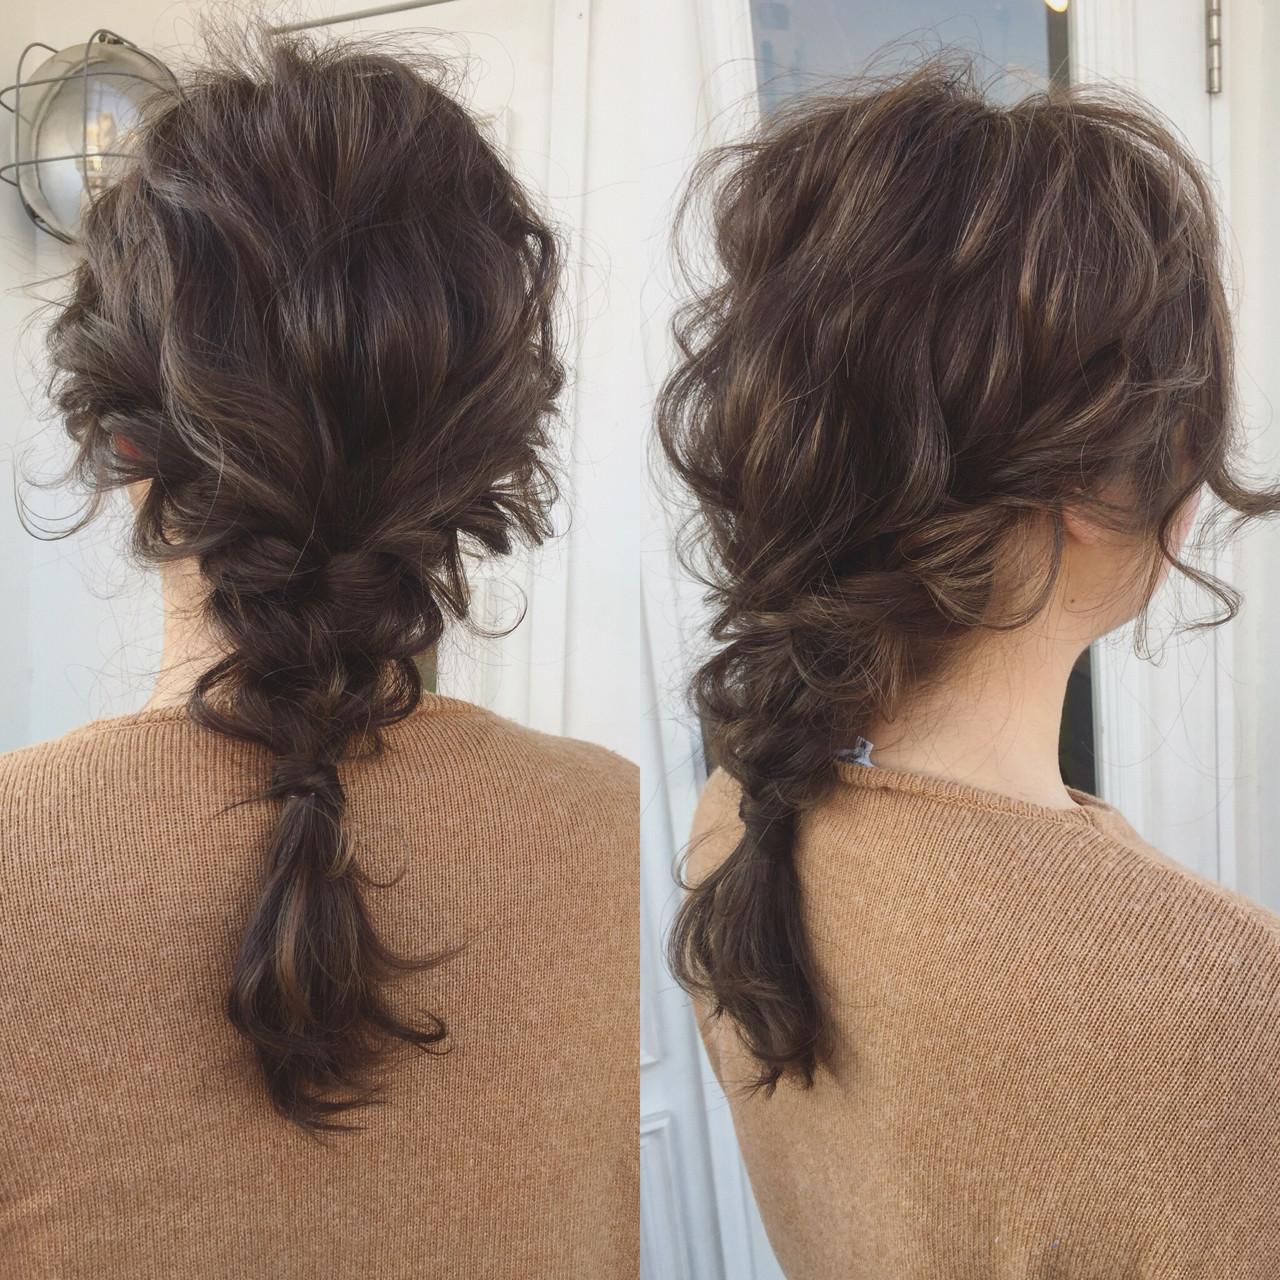 ハーフアップ フェミニン 外国人風 ヘアアレンジ ヘアスタイルや髪型の写真・画像